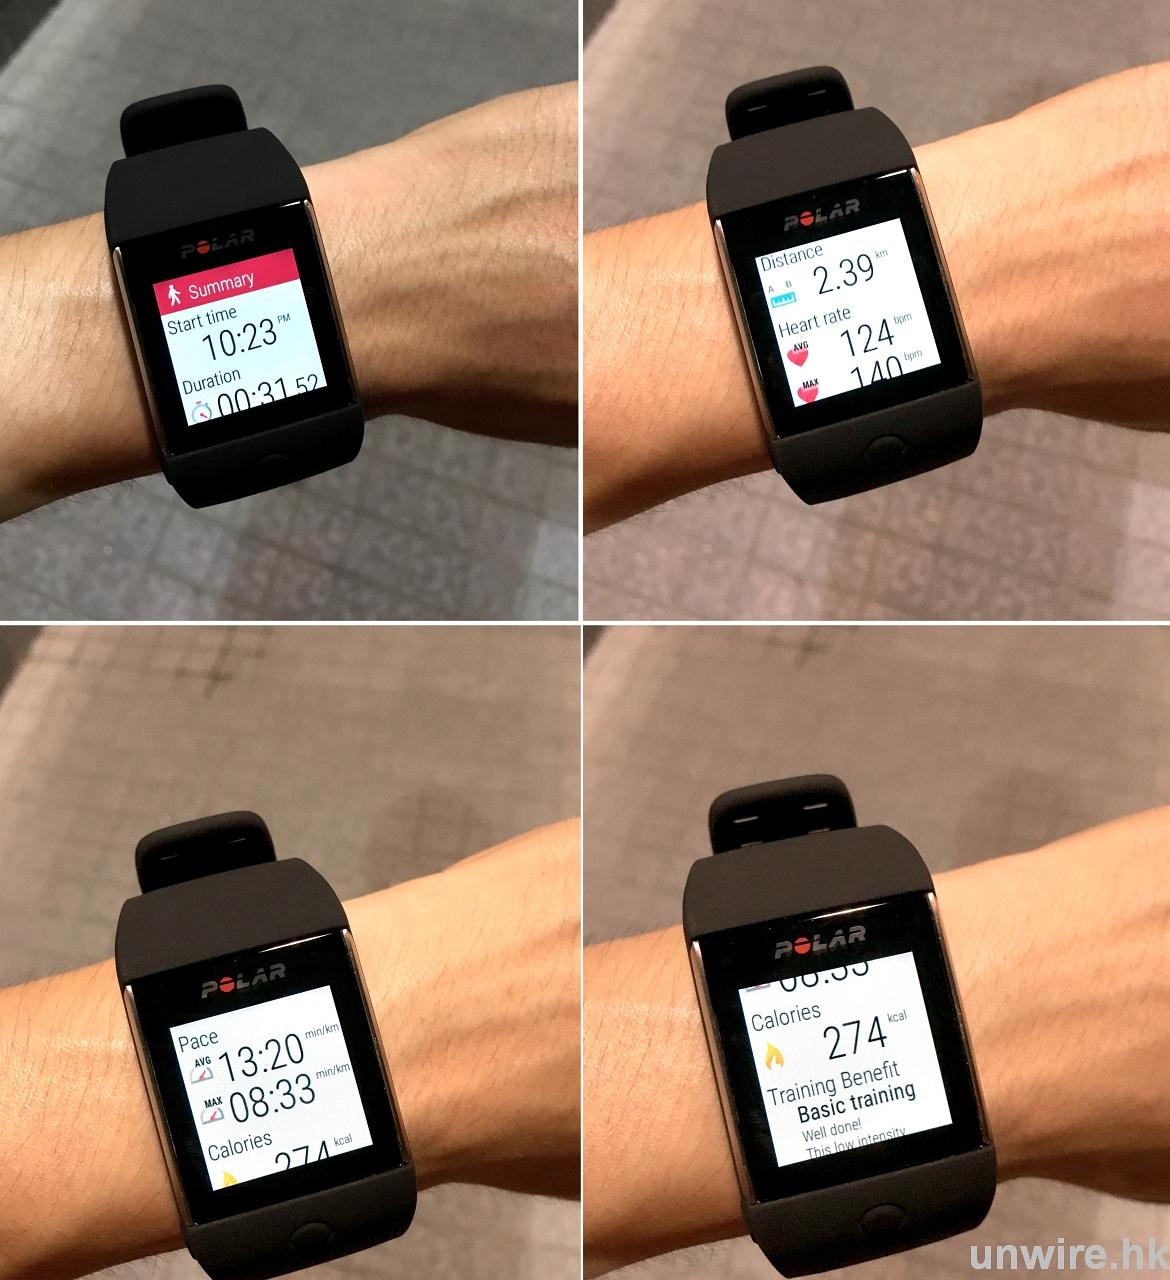 辛尼:運動返工都啱戴 - Polar M600 防水智能運動錶開箱評測